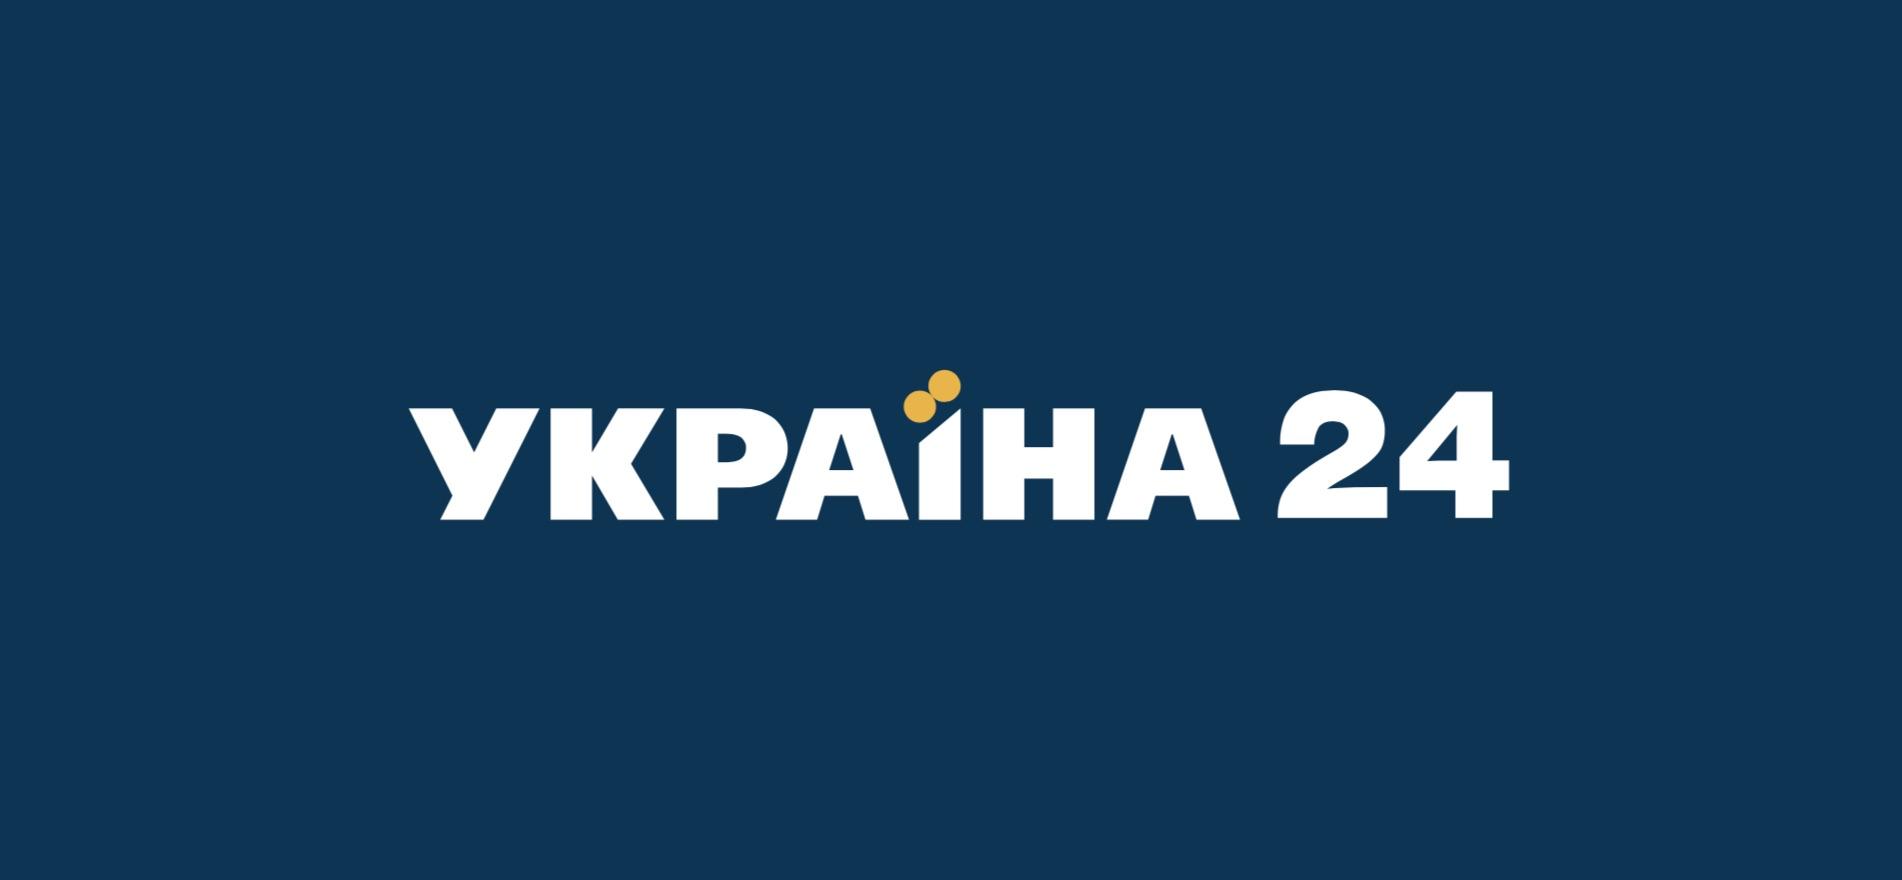 Ukraїna 24